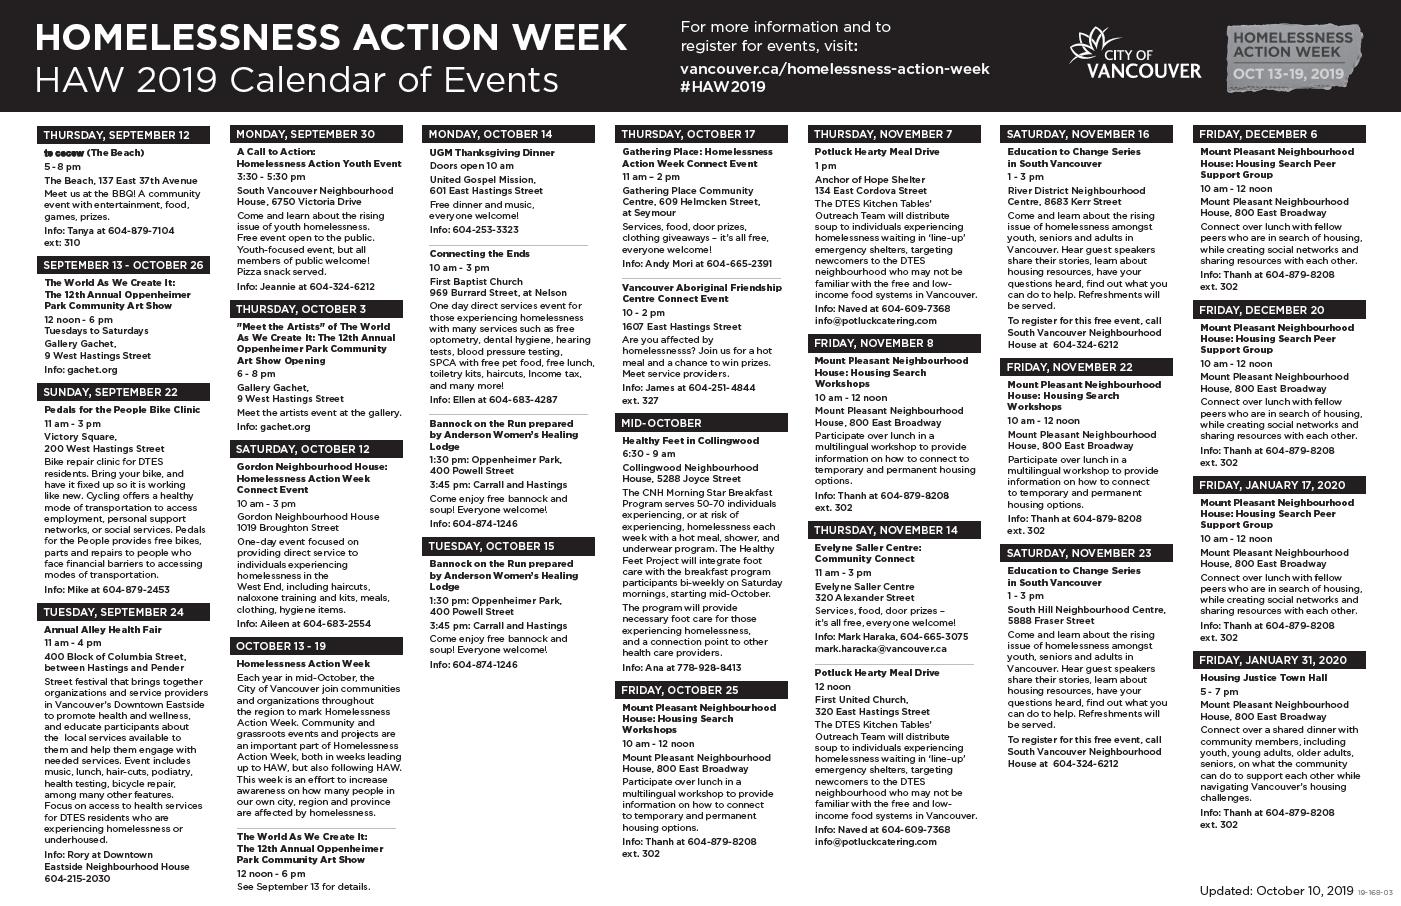 Homelessness Action Week calendar